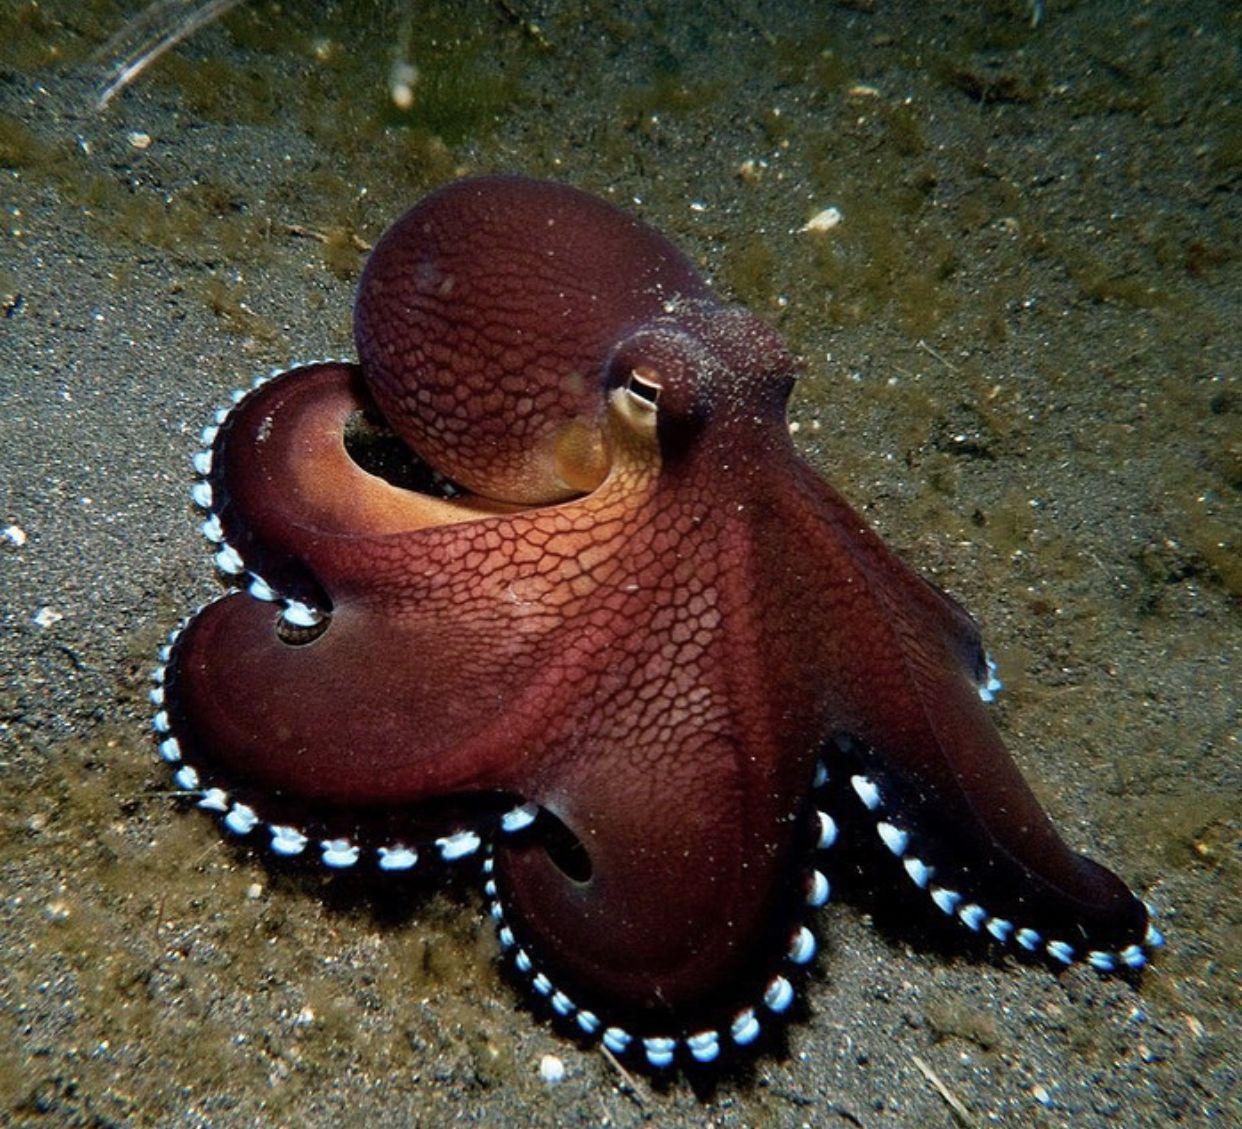 картинка осьминога или спрута прекрасное